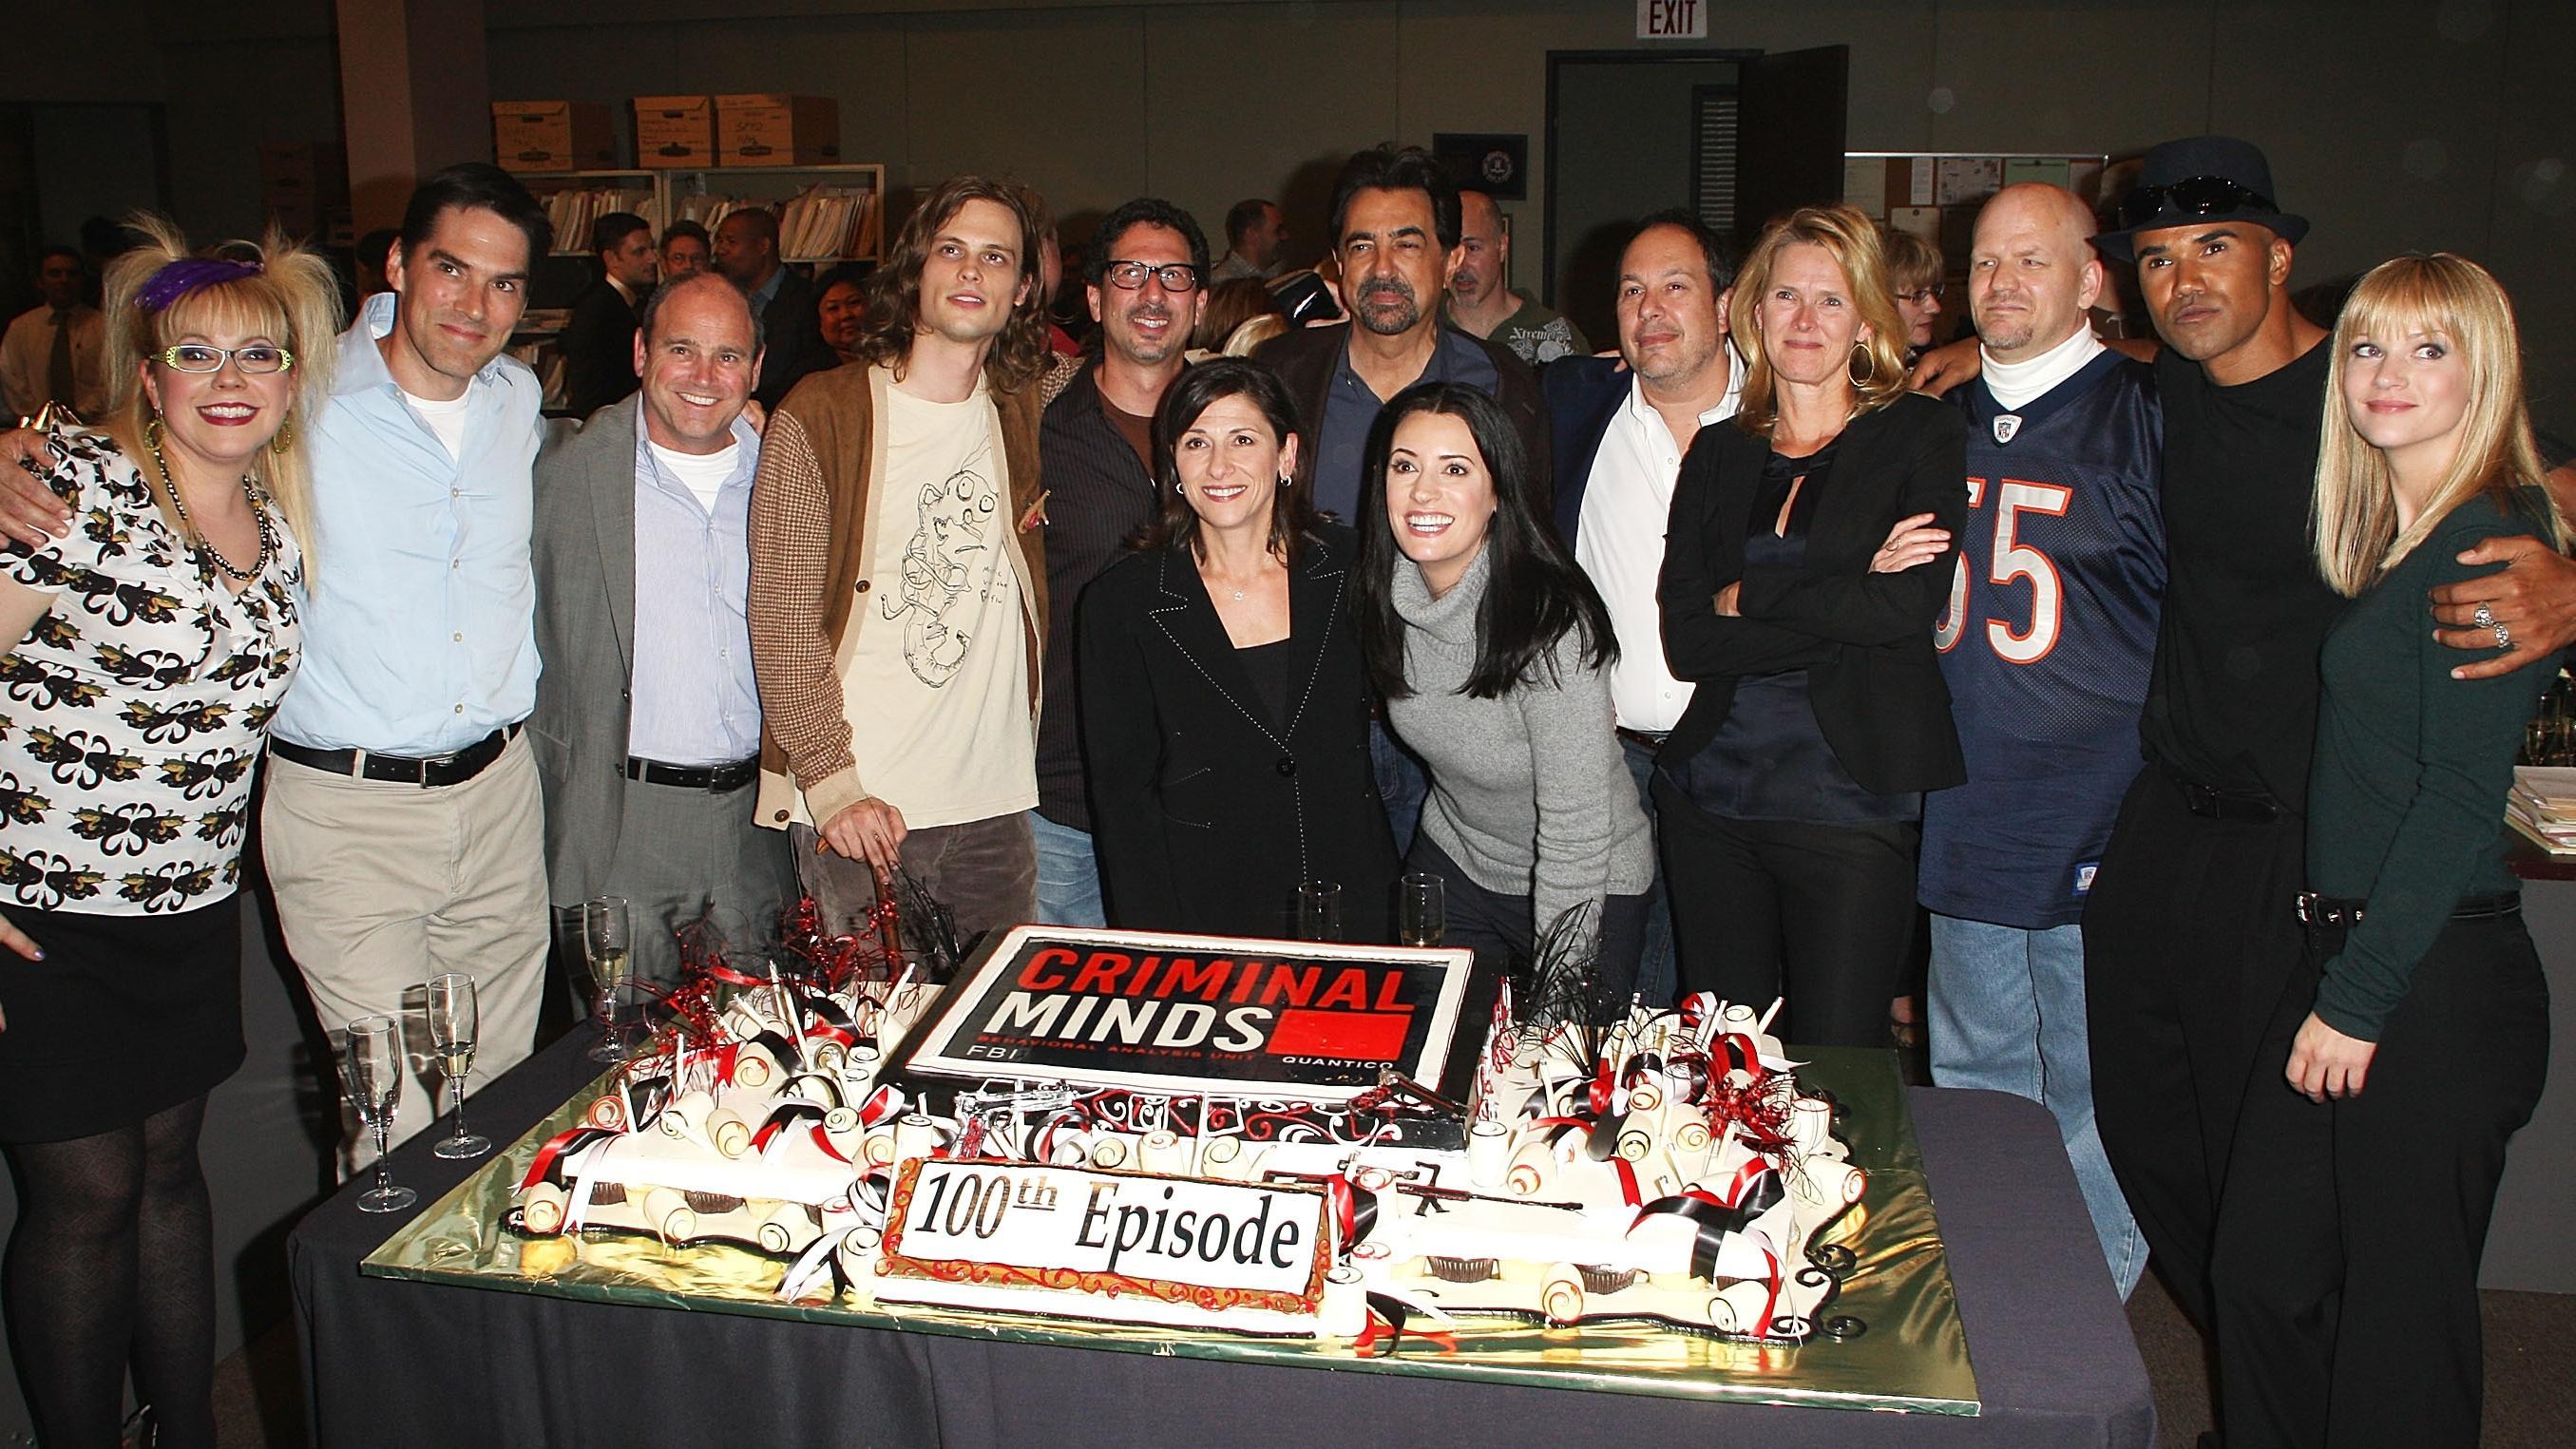 100th Episode Celebration For CBS' ″Criminal Minds″